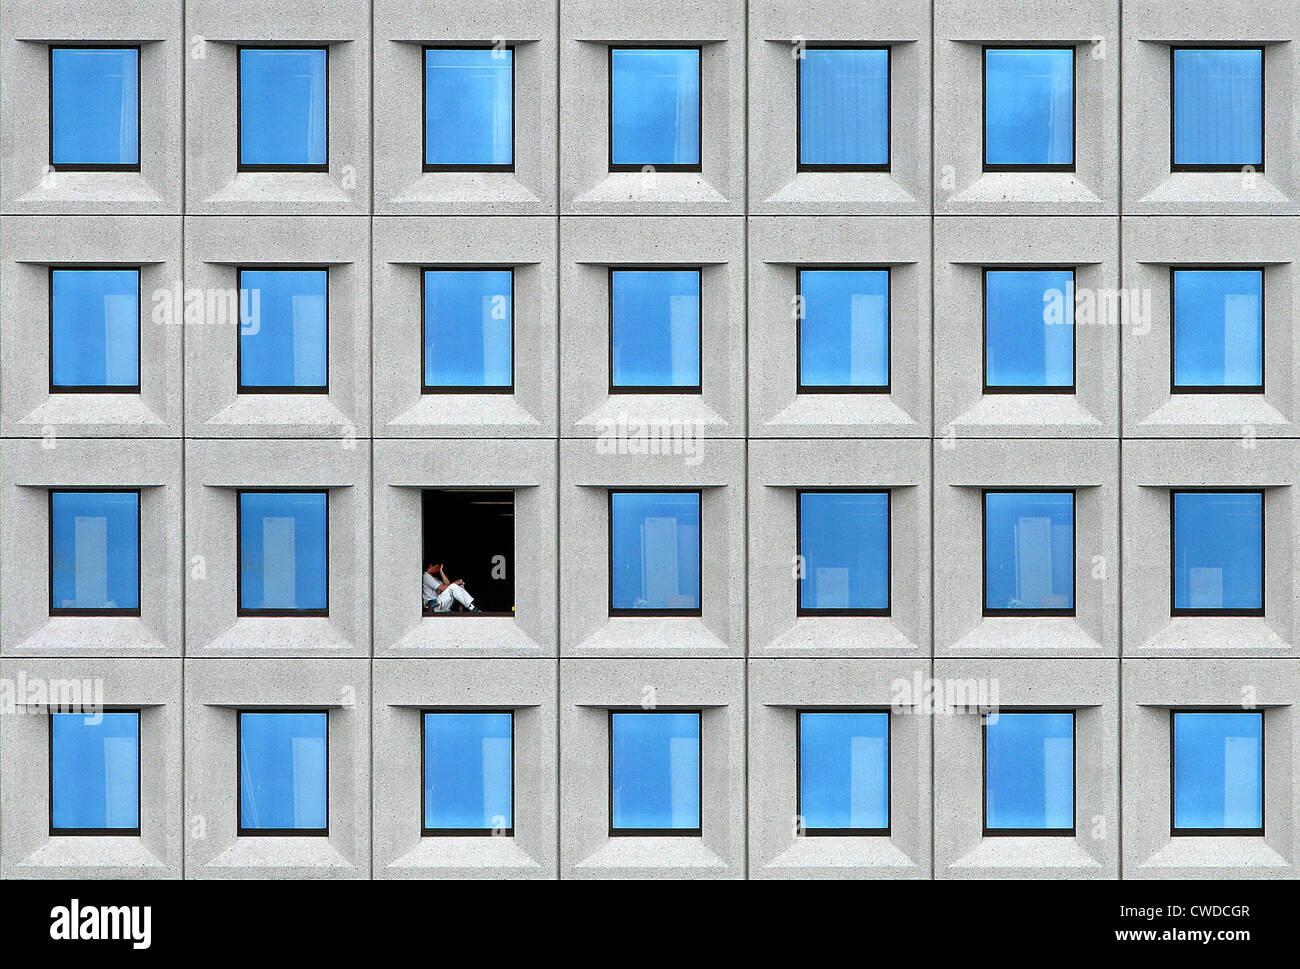 L'architettura,solitudine,la solitudine,relax,ricreazione,finestra,pausa pranzo Immagini Stock